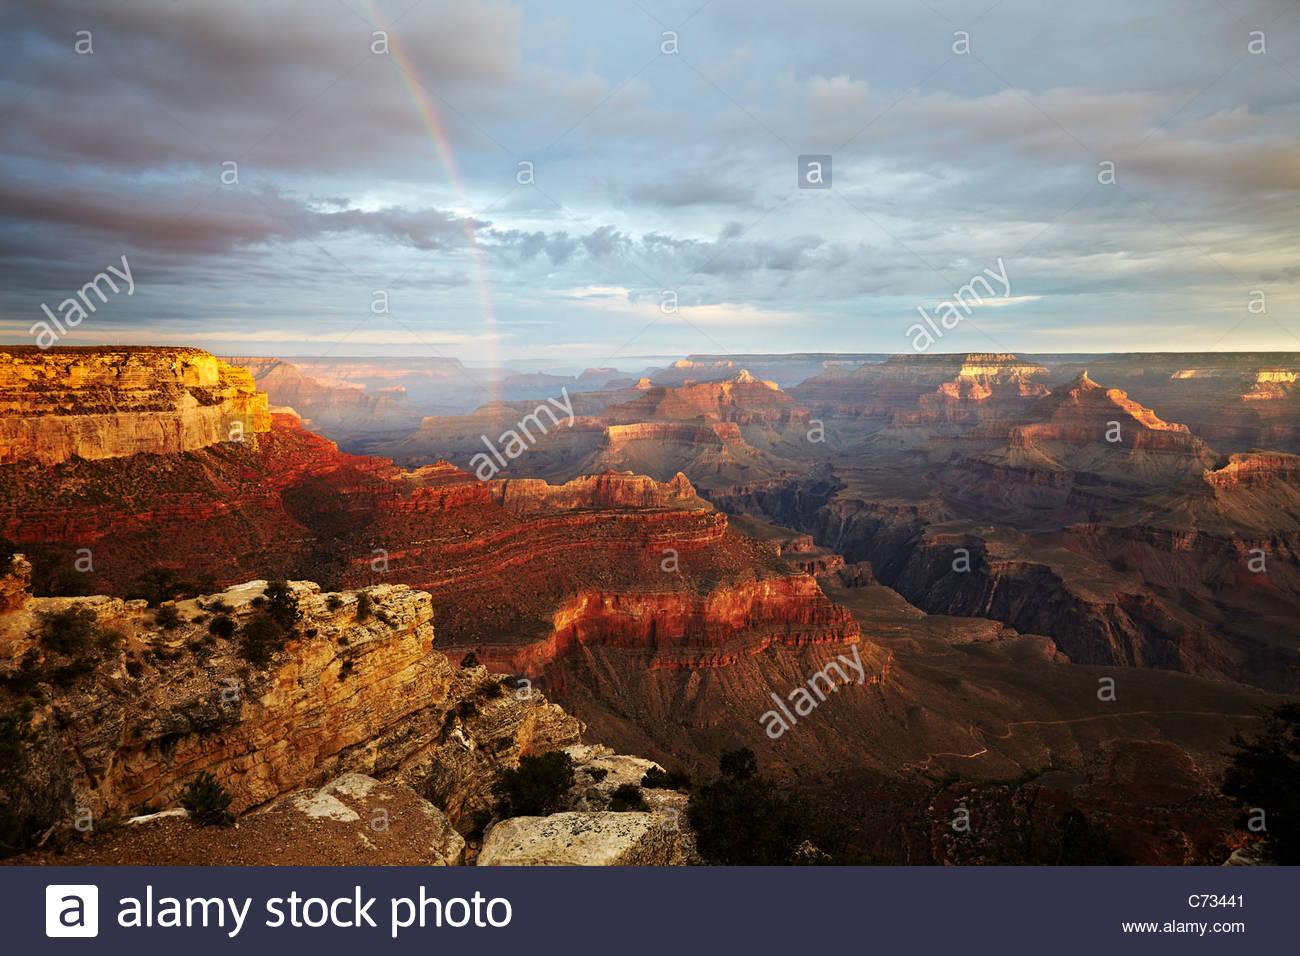 Le lever du soleil, la lumière du matin et rainbow à travers le Grand Canyon, Arizona, USA Photo Stock